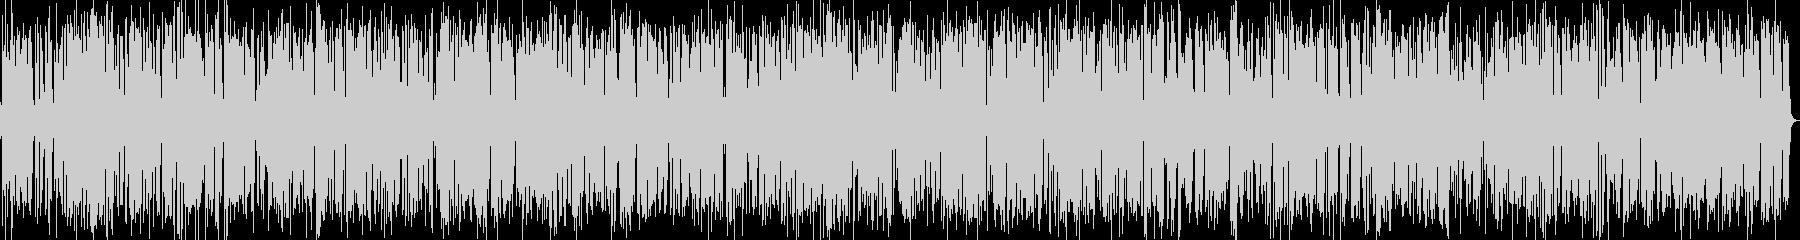 18分おしゃれジャズピアノバーBGMの未再生の波形